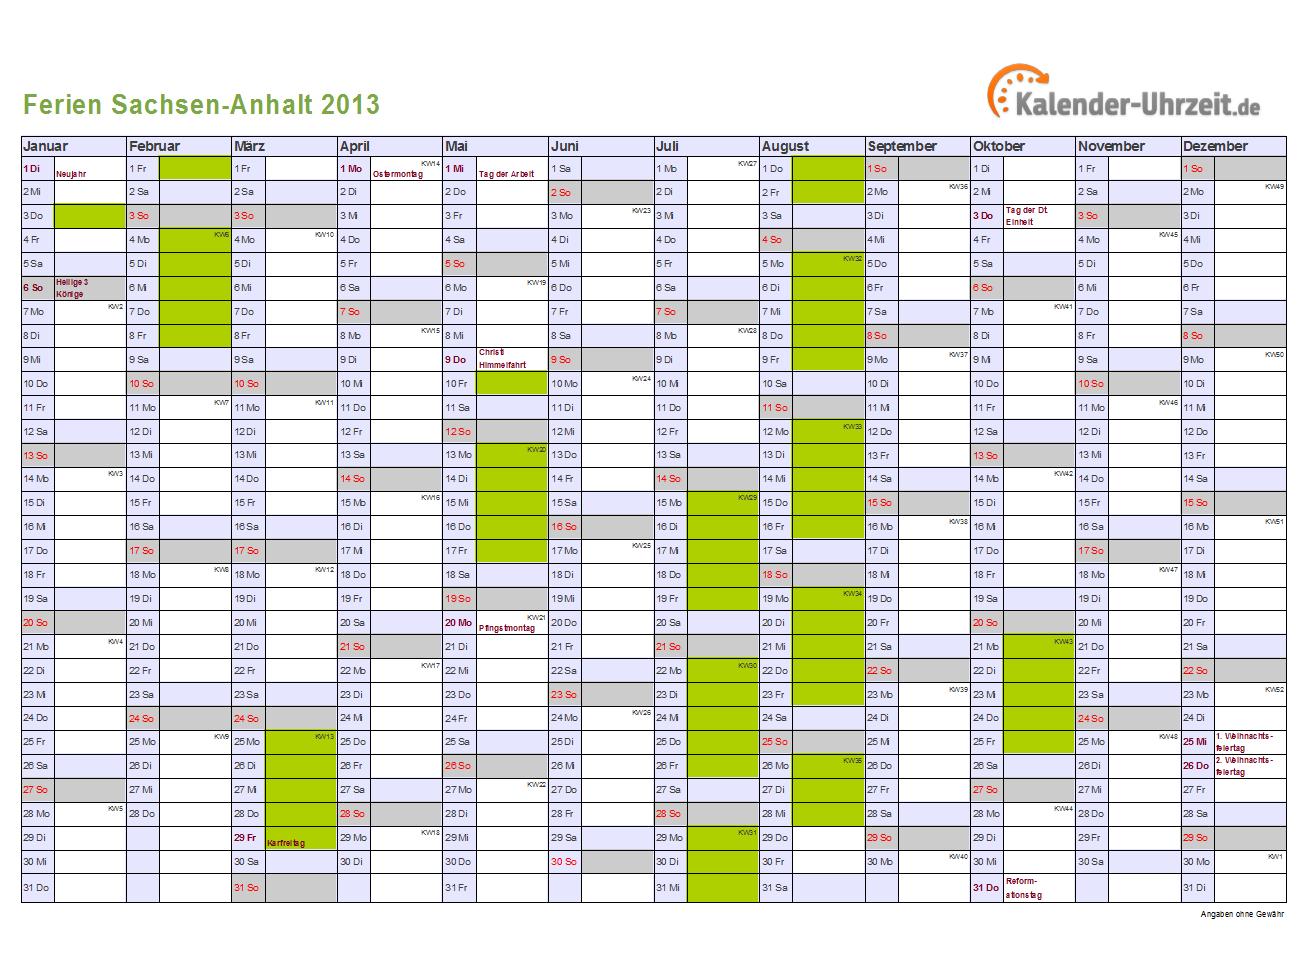 Related to kalender 2014 2015 online und als kalender zum ausdrucken